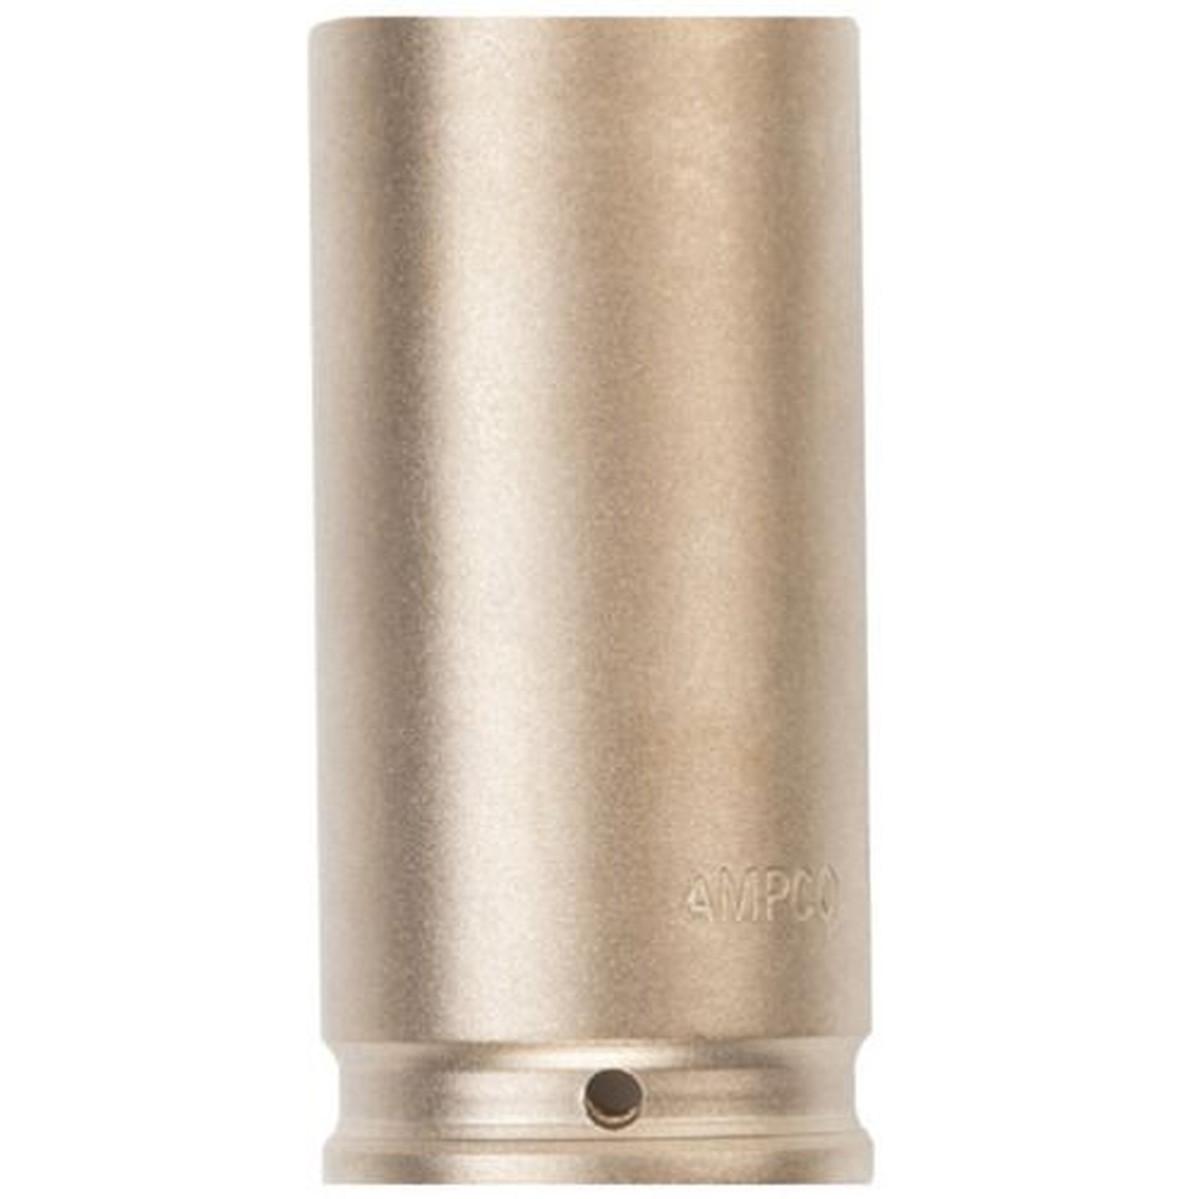 公式ショップ あす楽対応 DIY用品 Ampco 防爆インパクトディープソケット 1個 差込み12.7mm 祝開店大放出セール開催中 対辺24mm